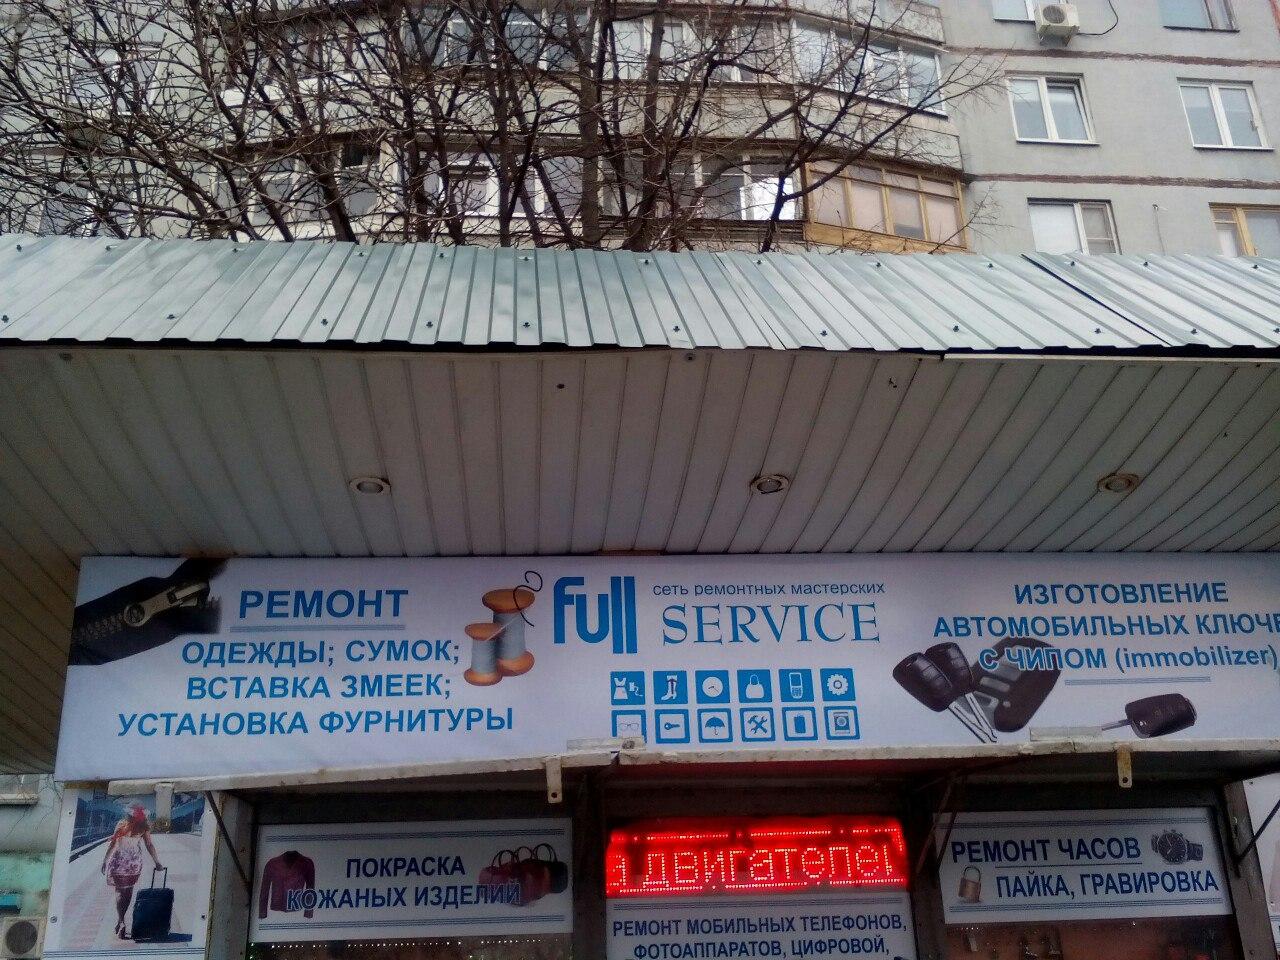 «Особенности национального на*бизнеса» — харьковчане о недобросовестных мастерах ремонта (фото)